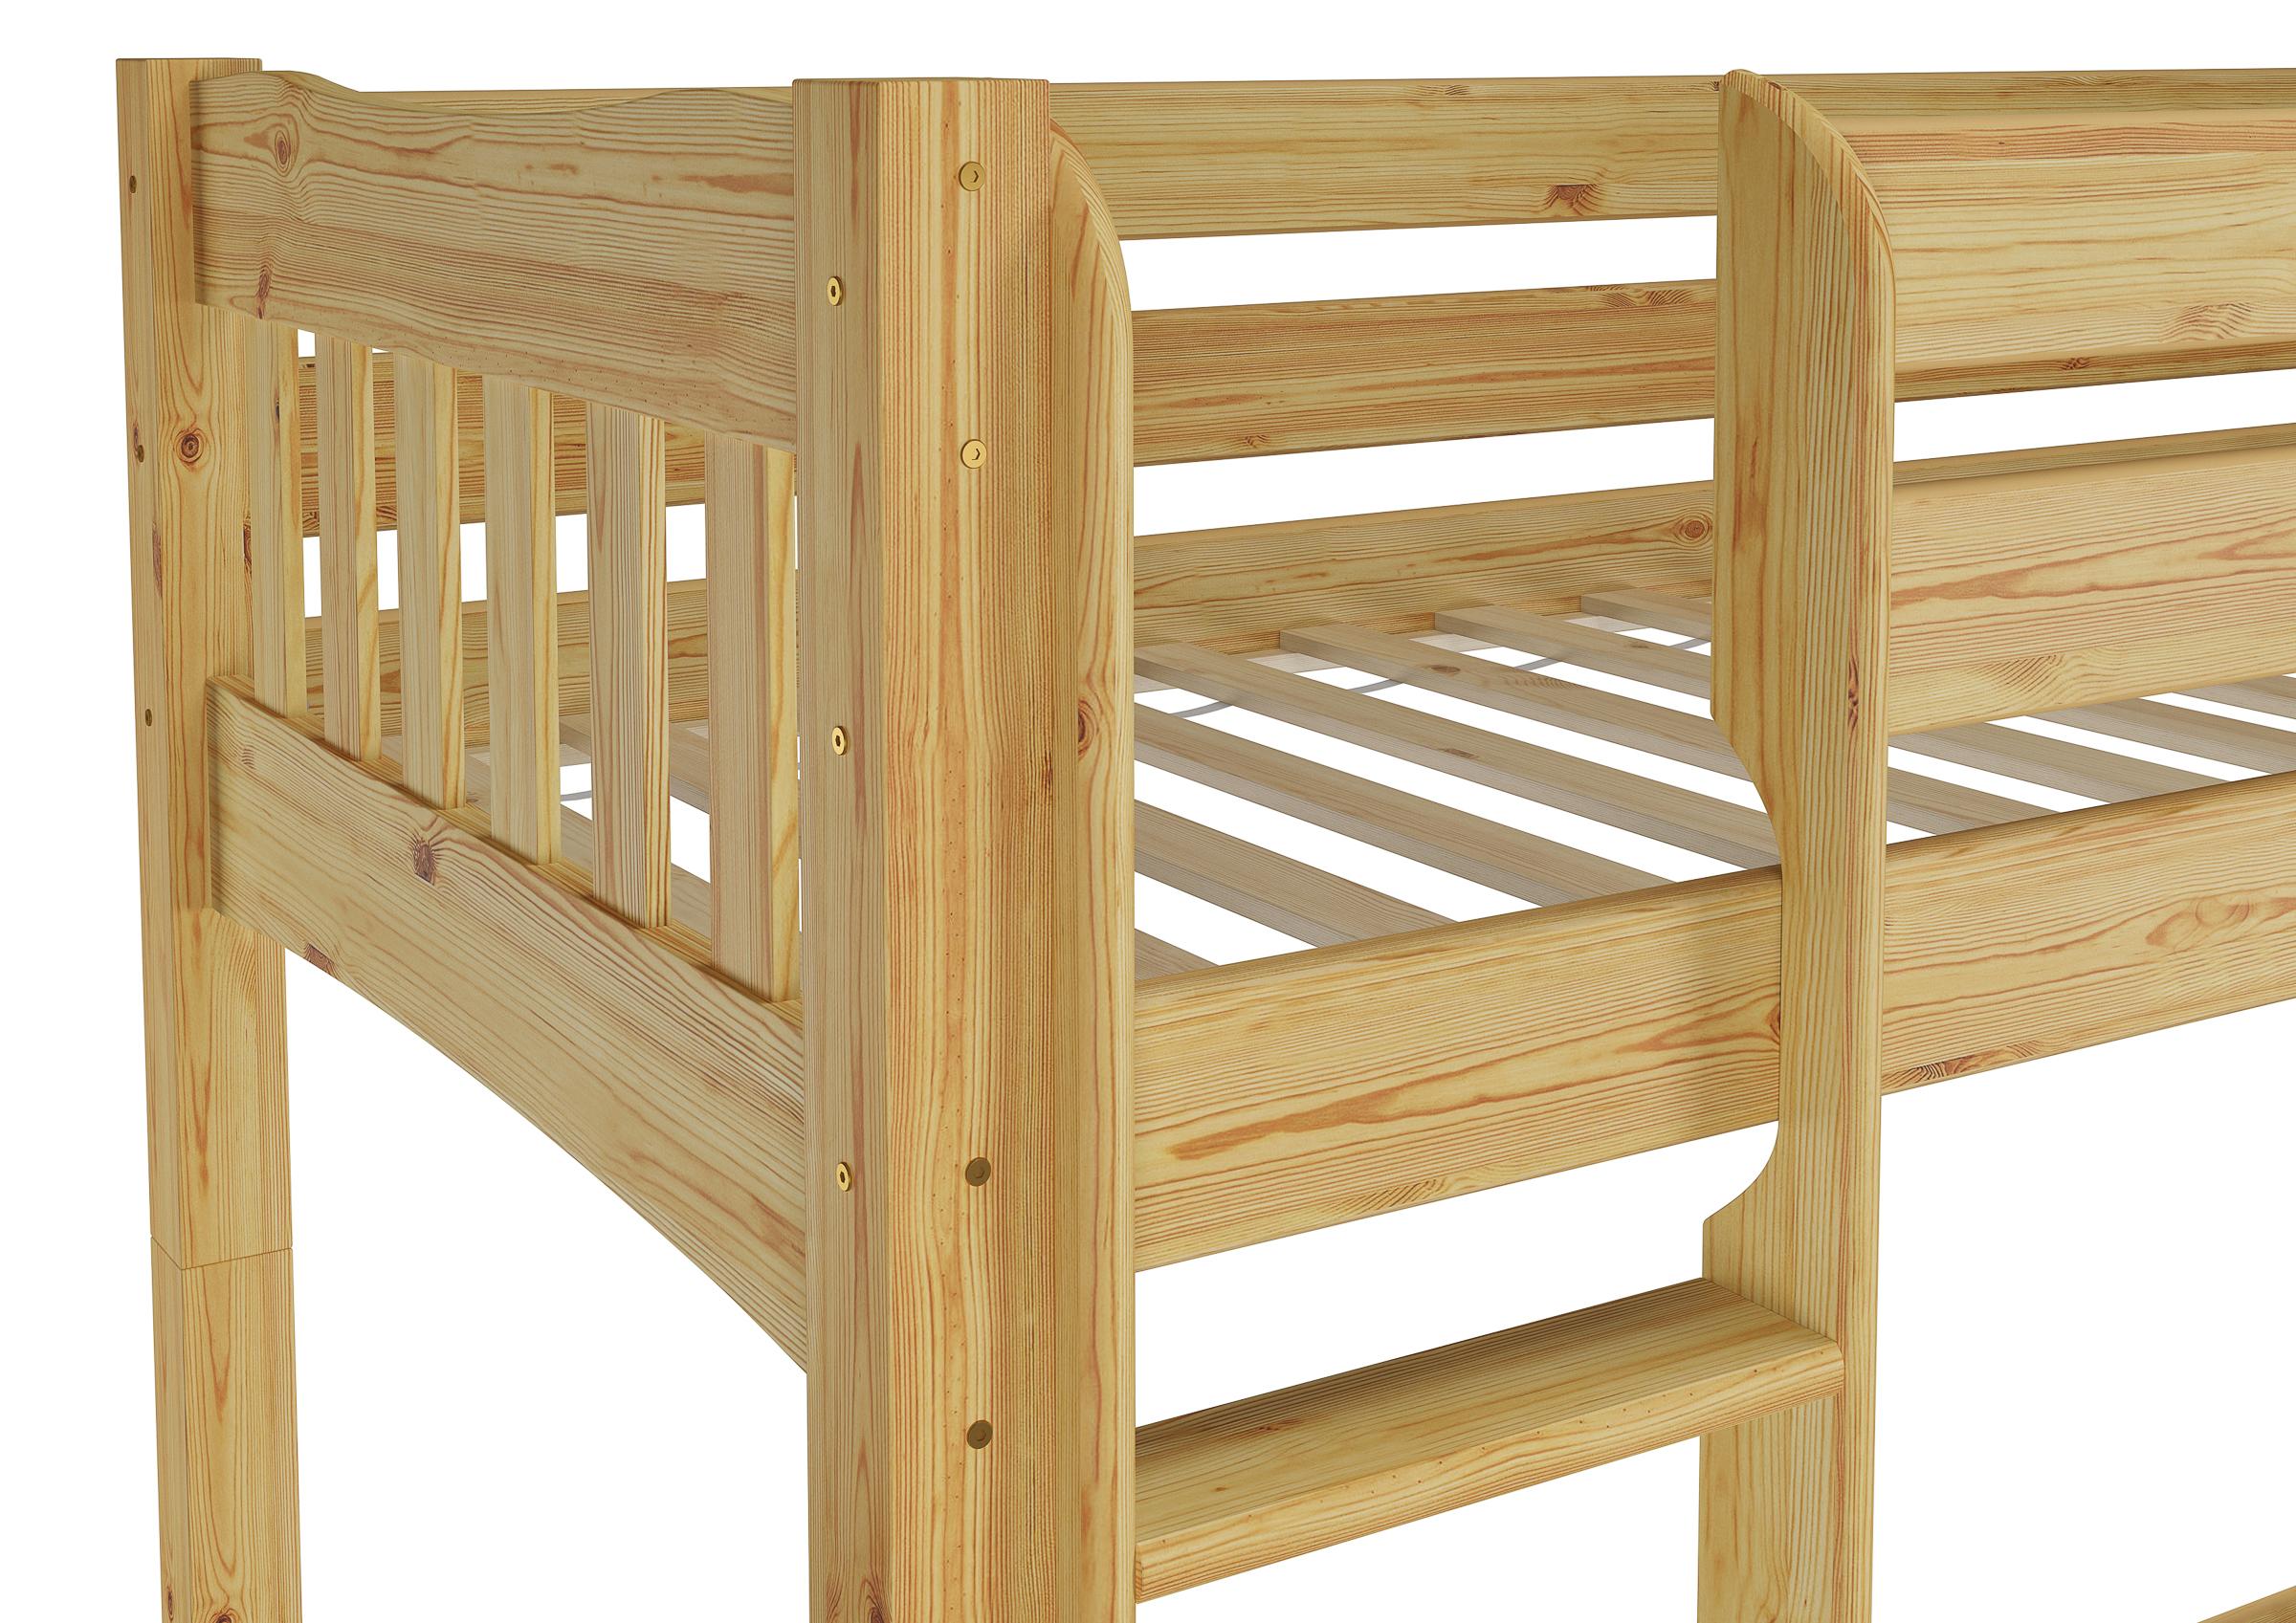 Etagenbett Bettkasten : Hochbett eva weiß inklusive schreibtisch bettkasten hochbetten